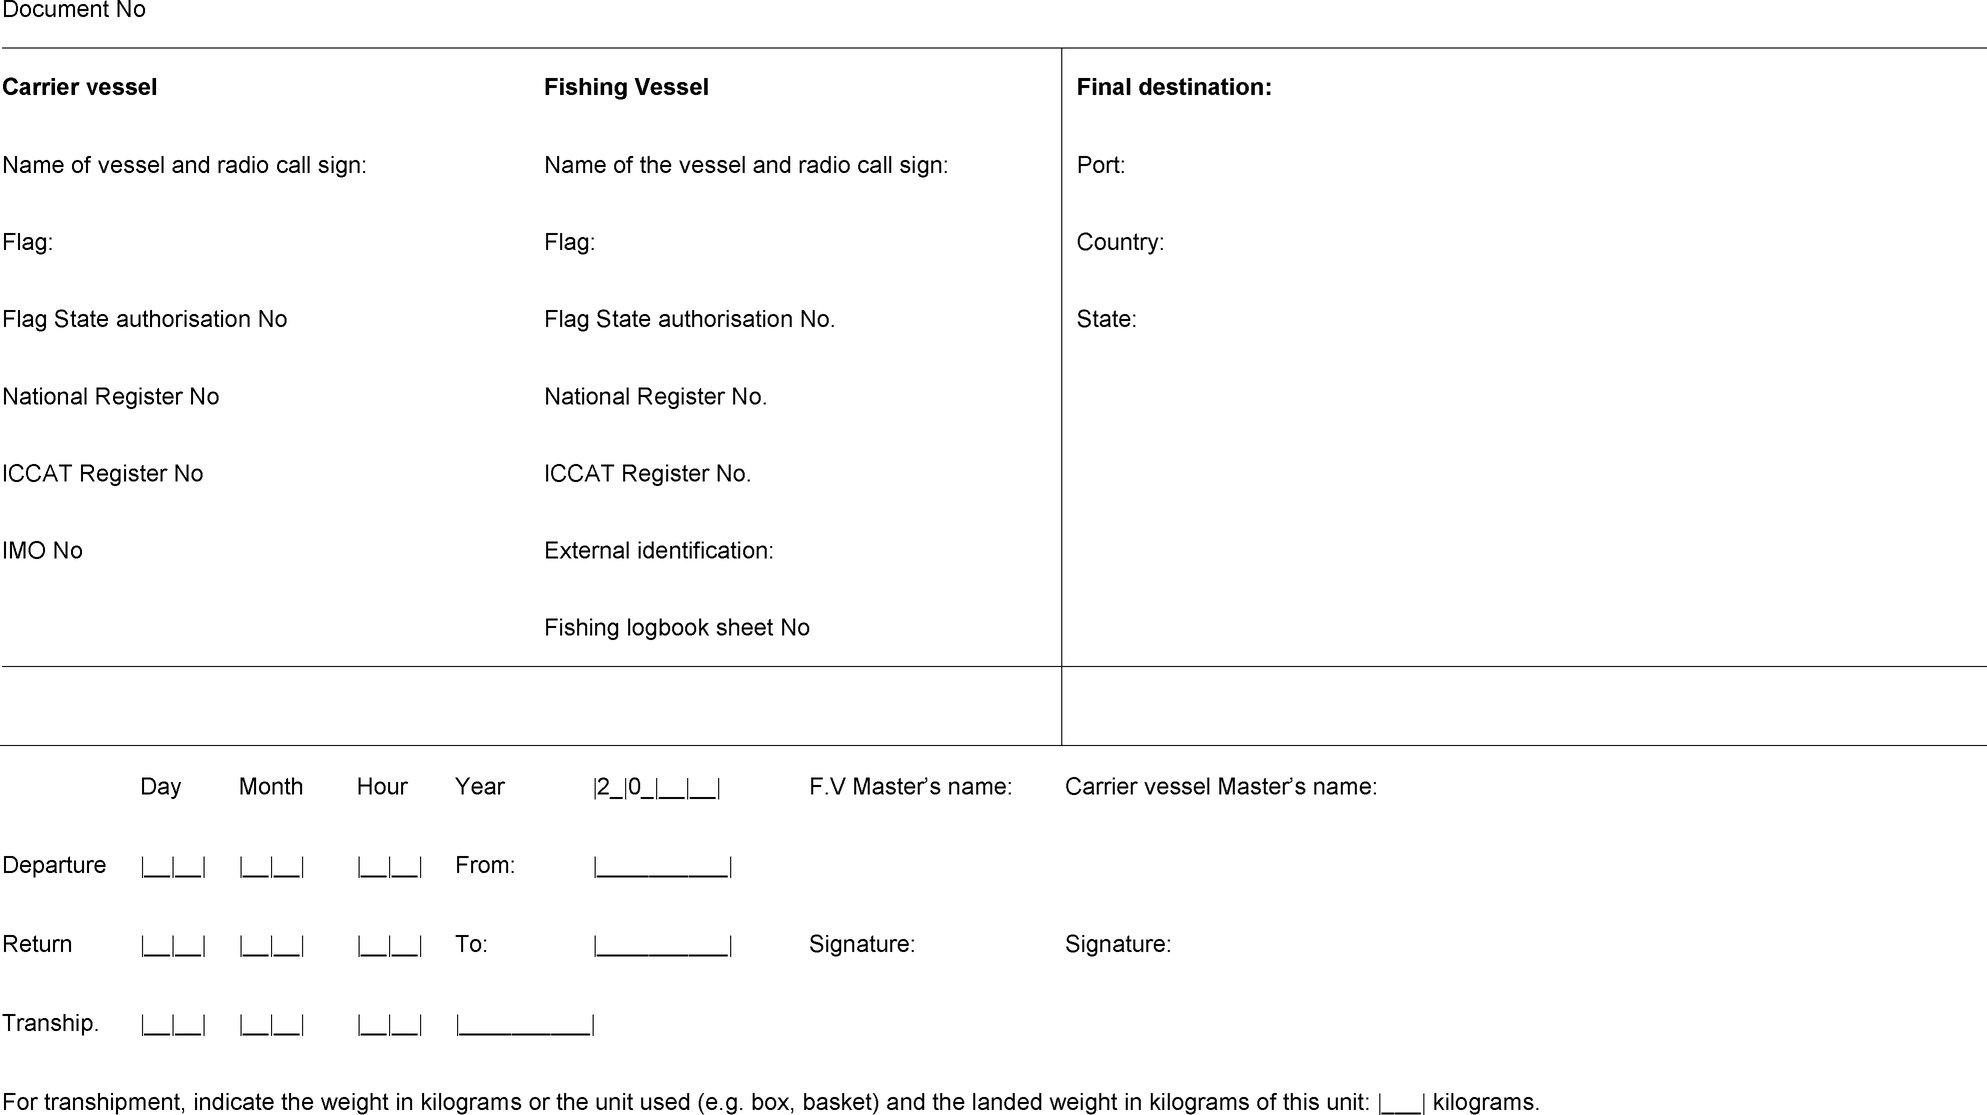 20210428-P9_TA(2021)0142_ET-p0000002.png